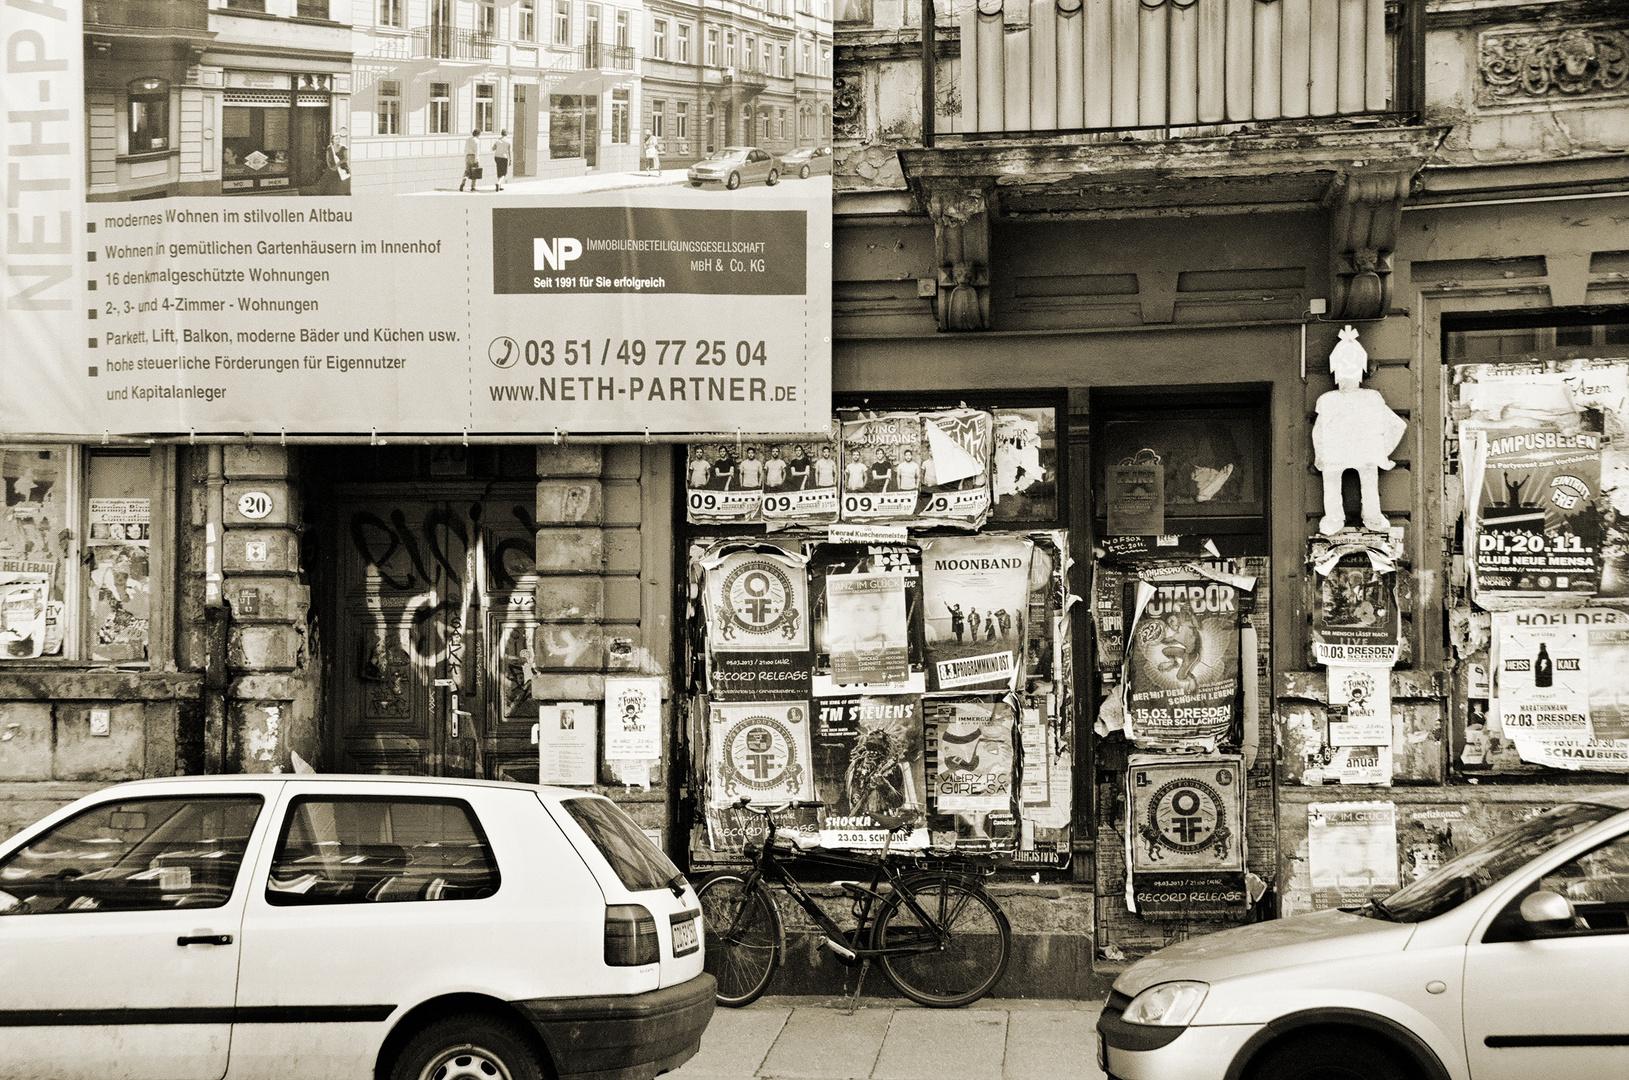 Das Ende der alten Dresdner Neustadt